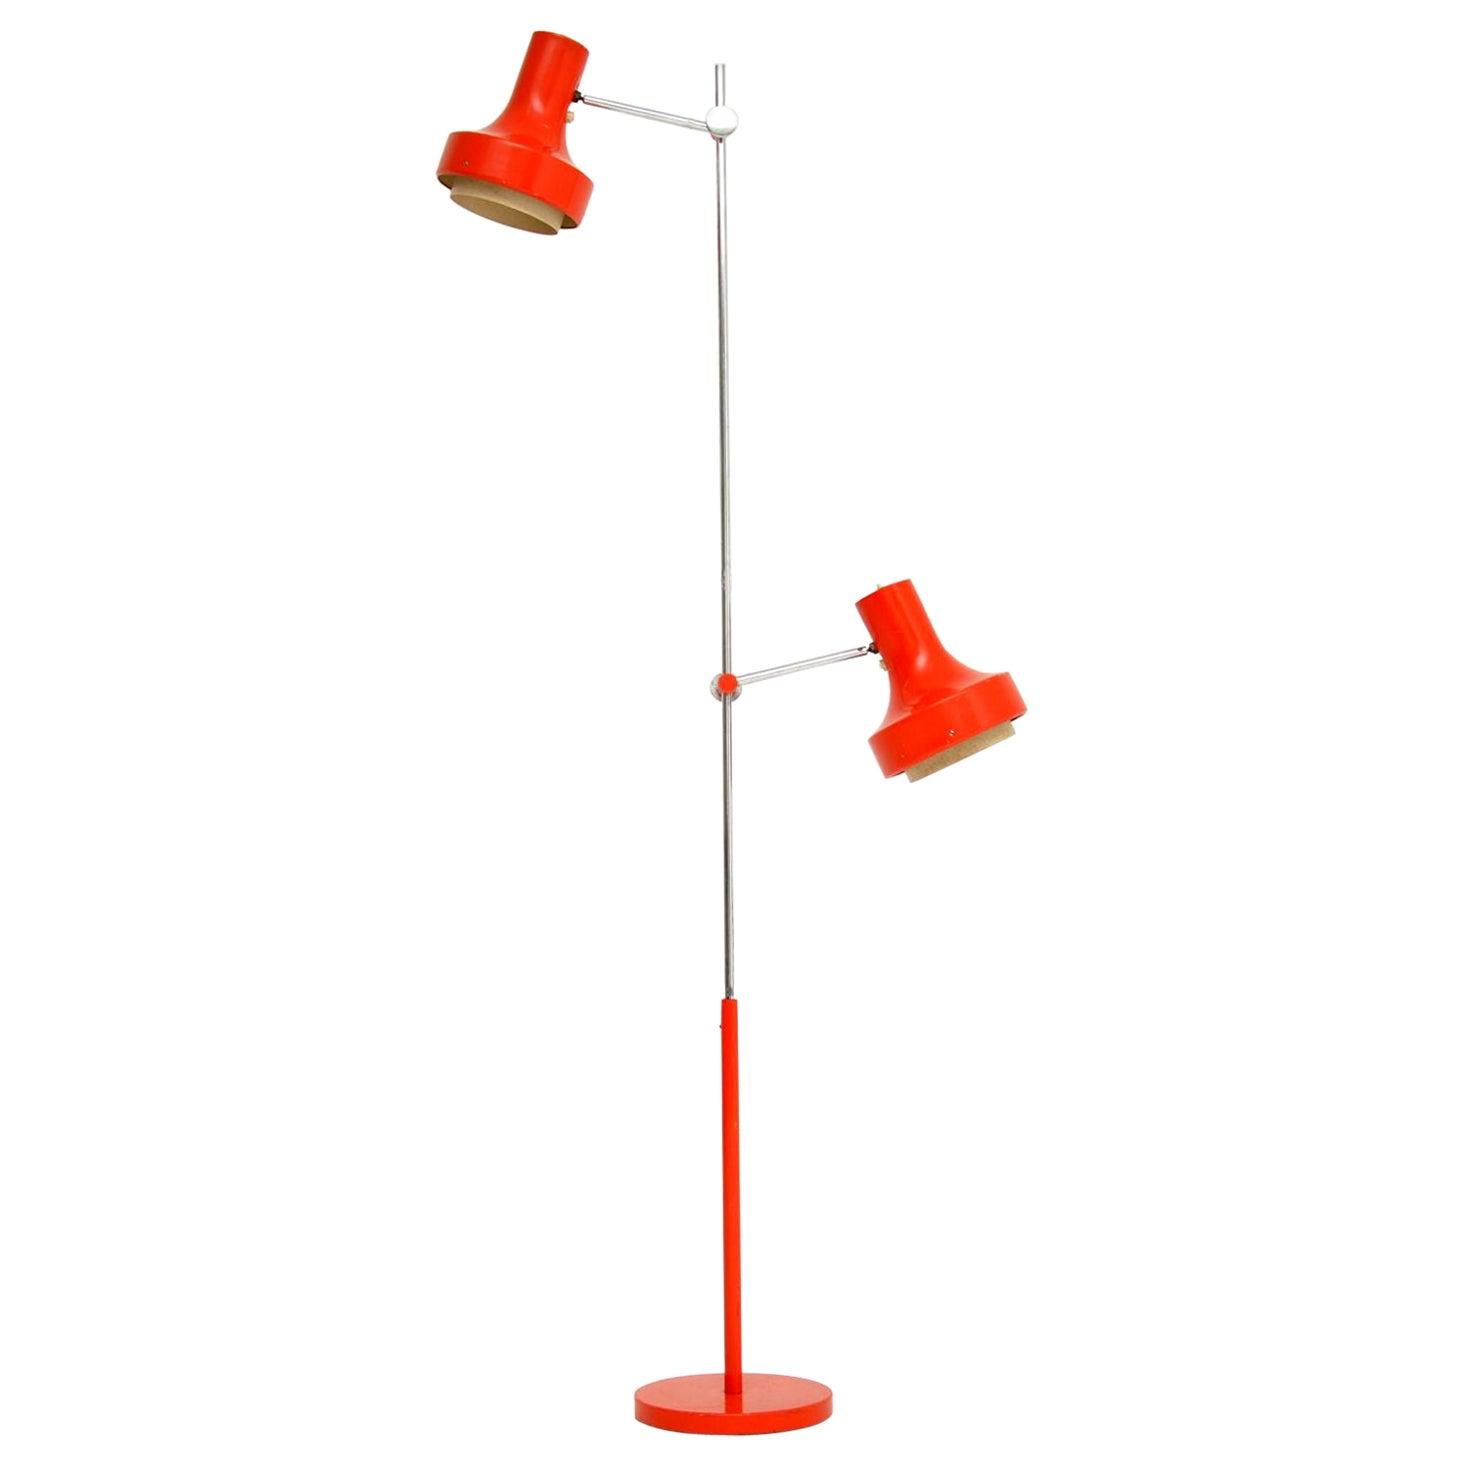 1960s Vintage Adjustable Floor Lamp